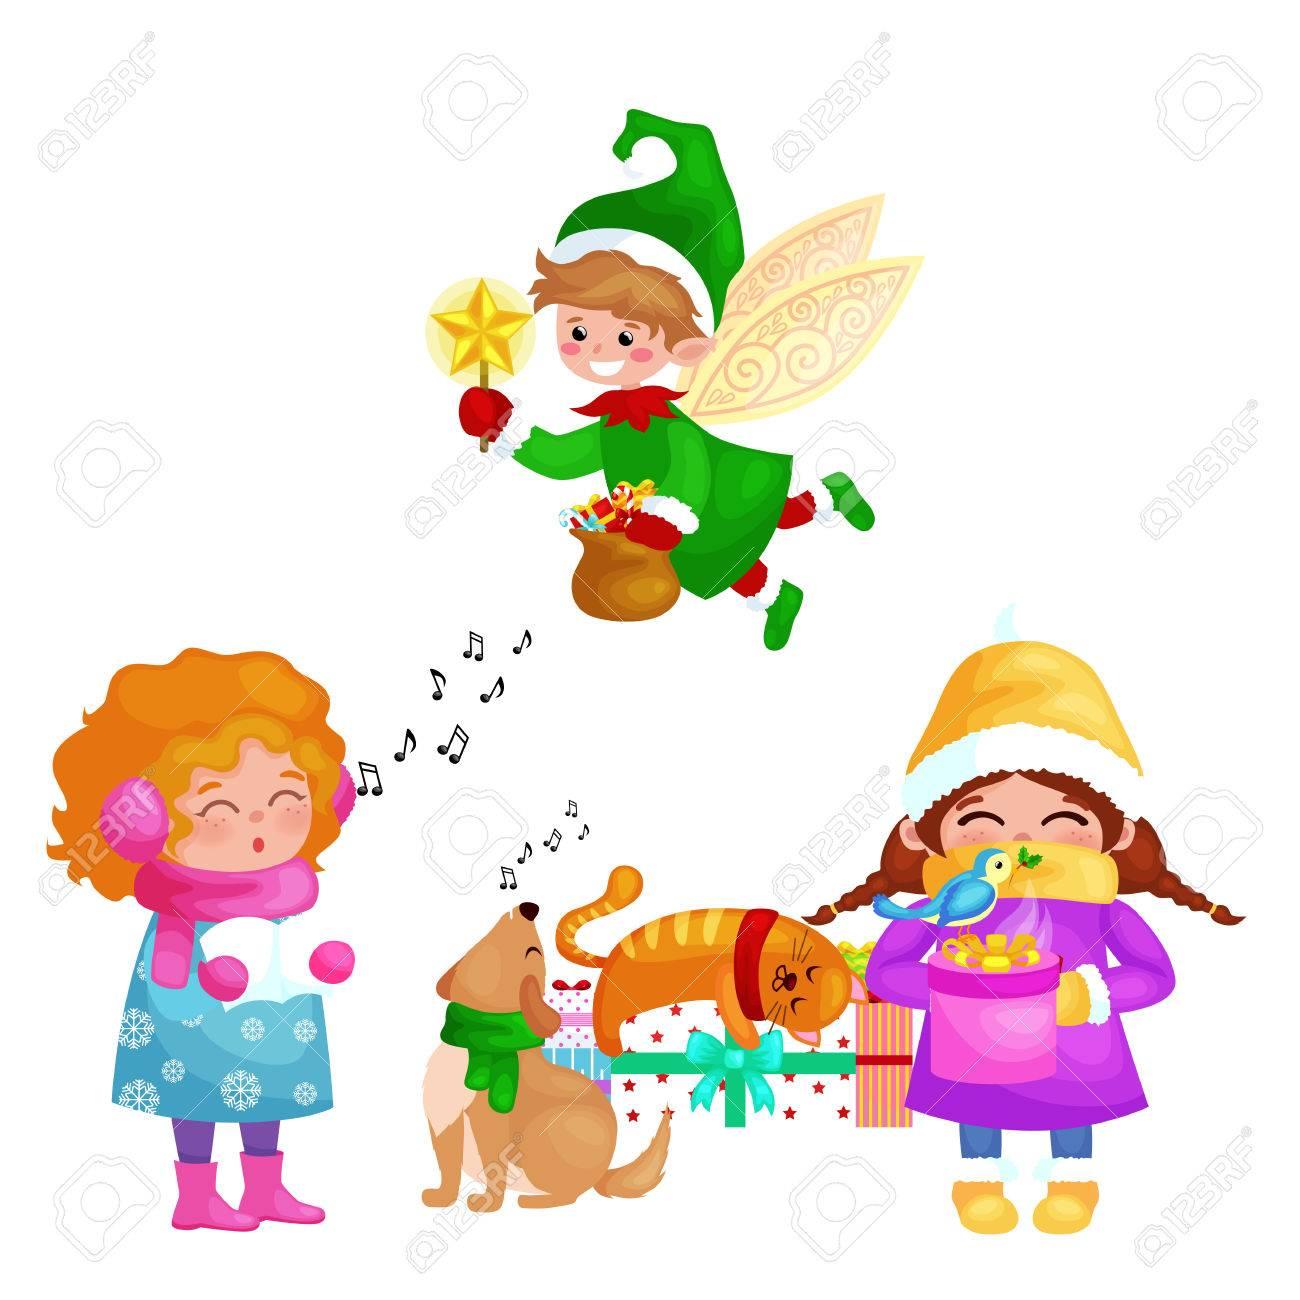 Chanson Un Joyeux Noel.Illustrations Fixes Joyeux Joyeux Noel Nouvelle Annee Fille Chanter Des Chansons De Vacances Avec Animaux De Compagnie Des Cadeaux De Bonhomme De